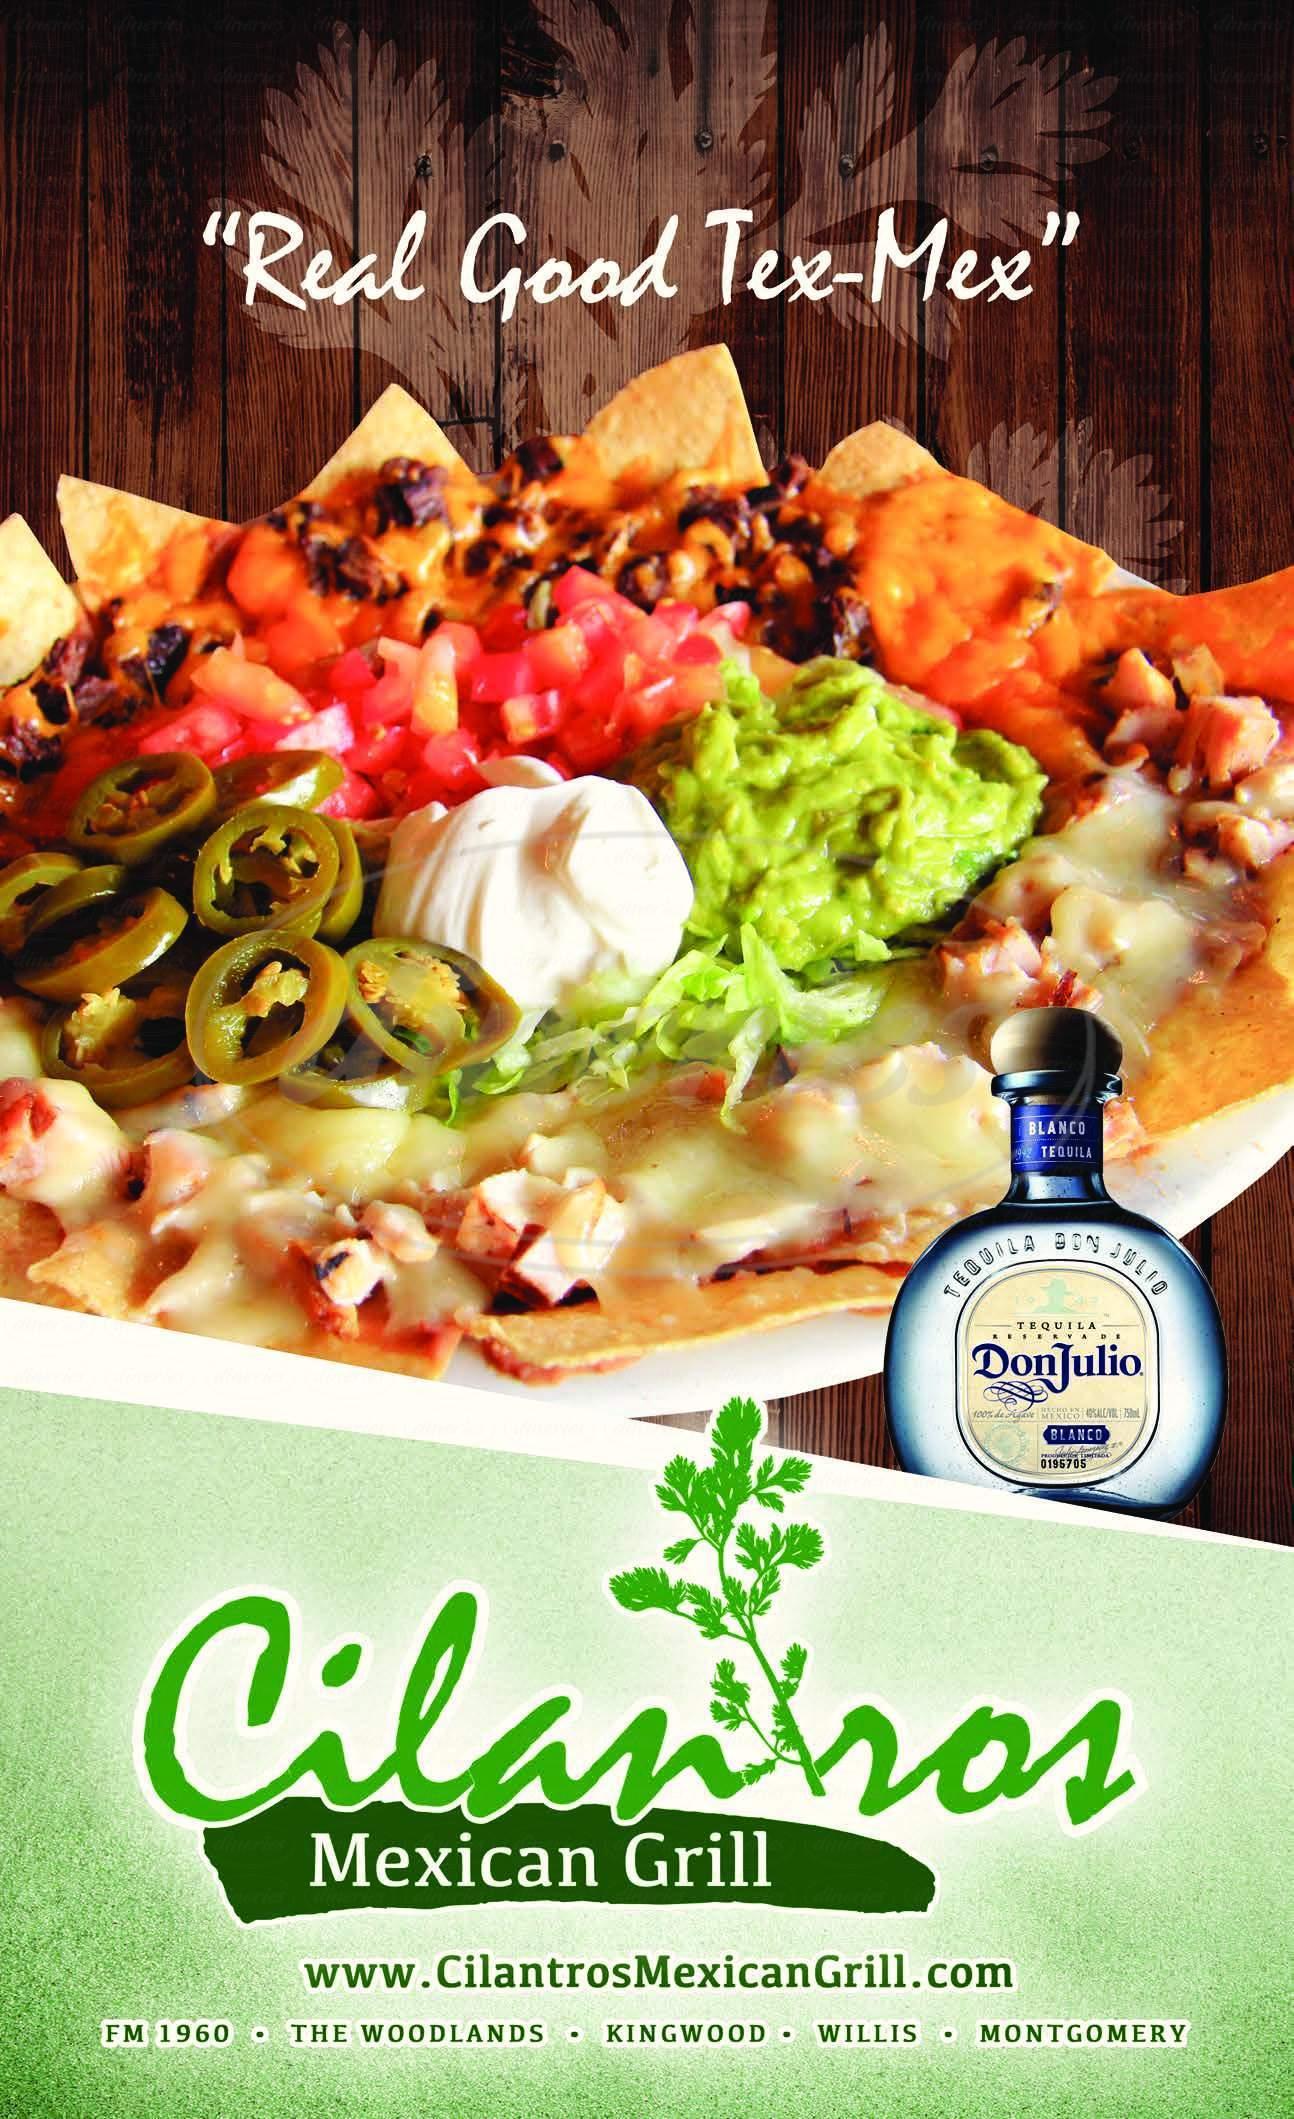 menu for Cilantro's Mexican Grill